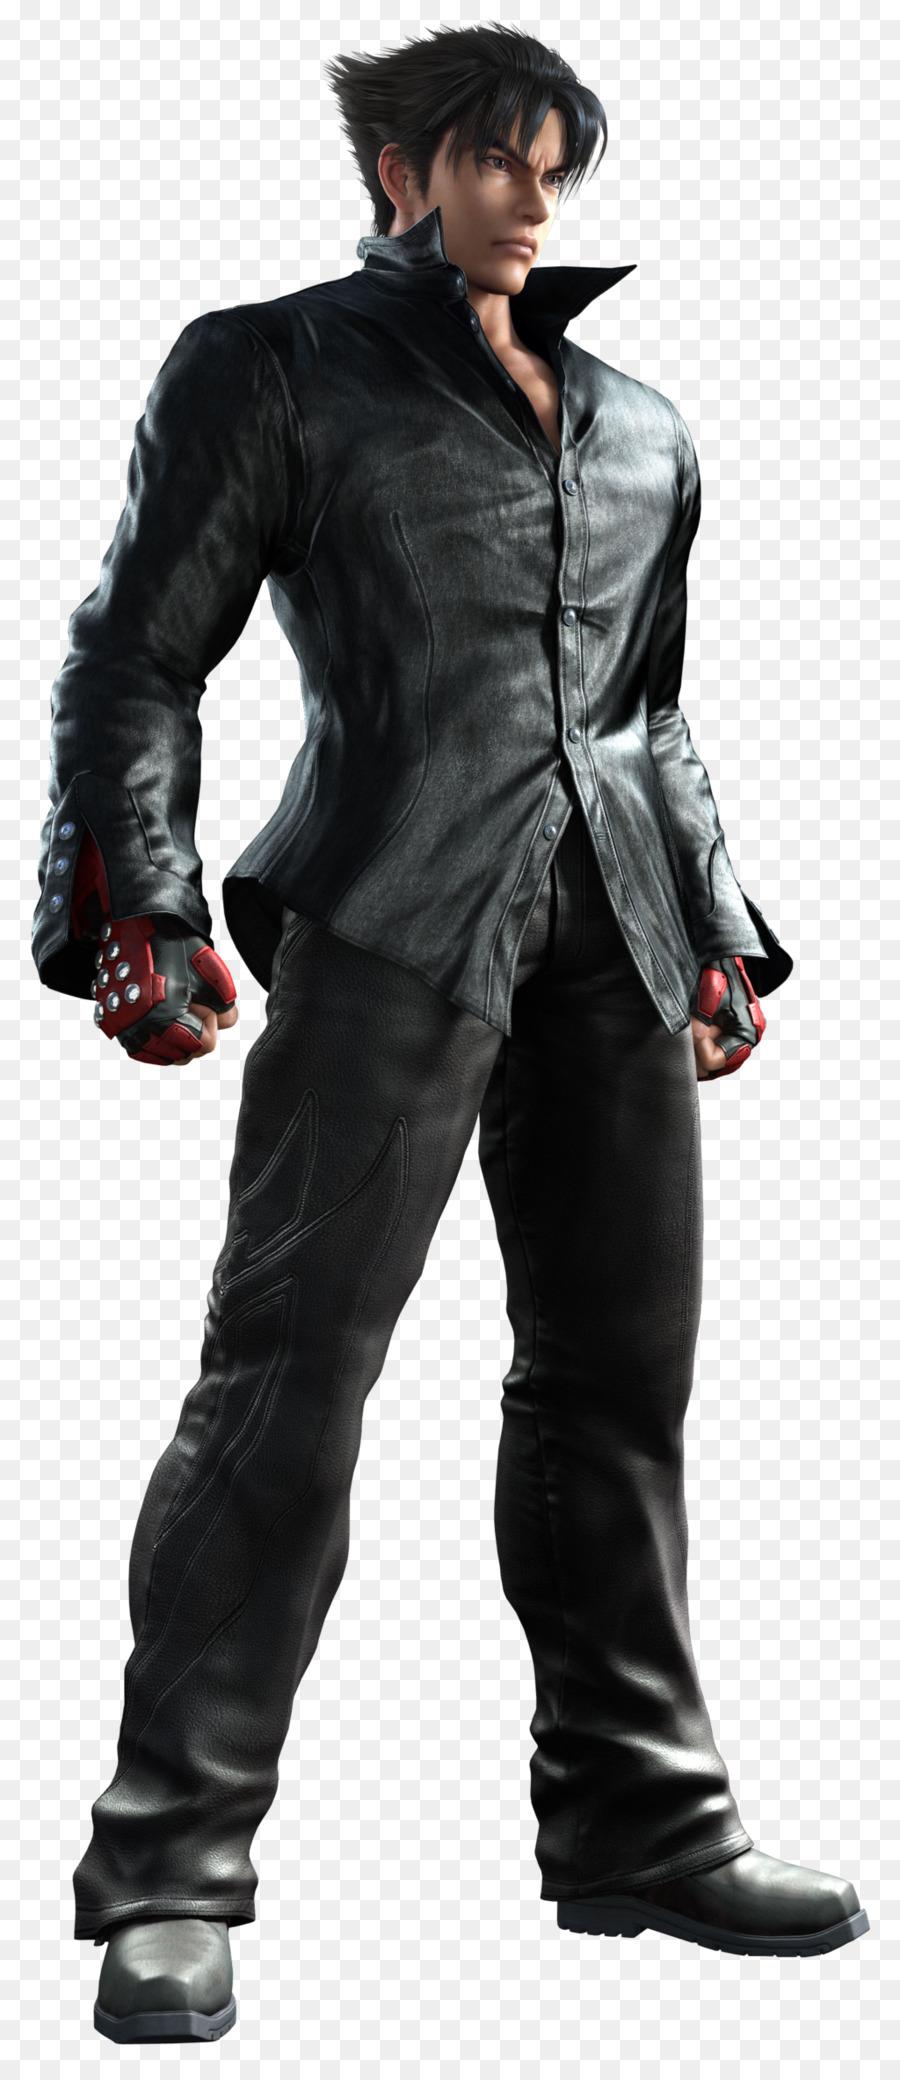 Tekken 5 Costume png download - 1024*2352 - Free Transparent